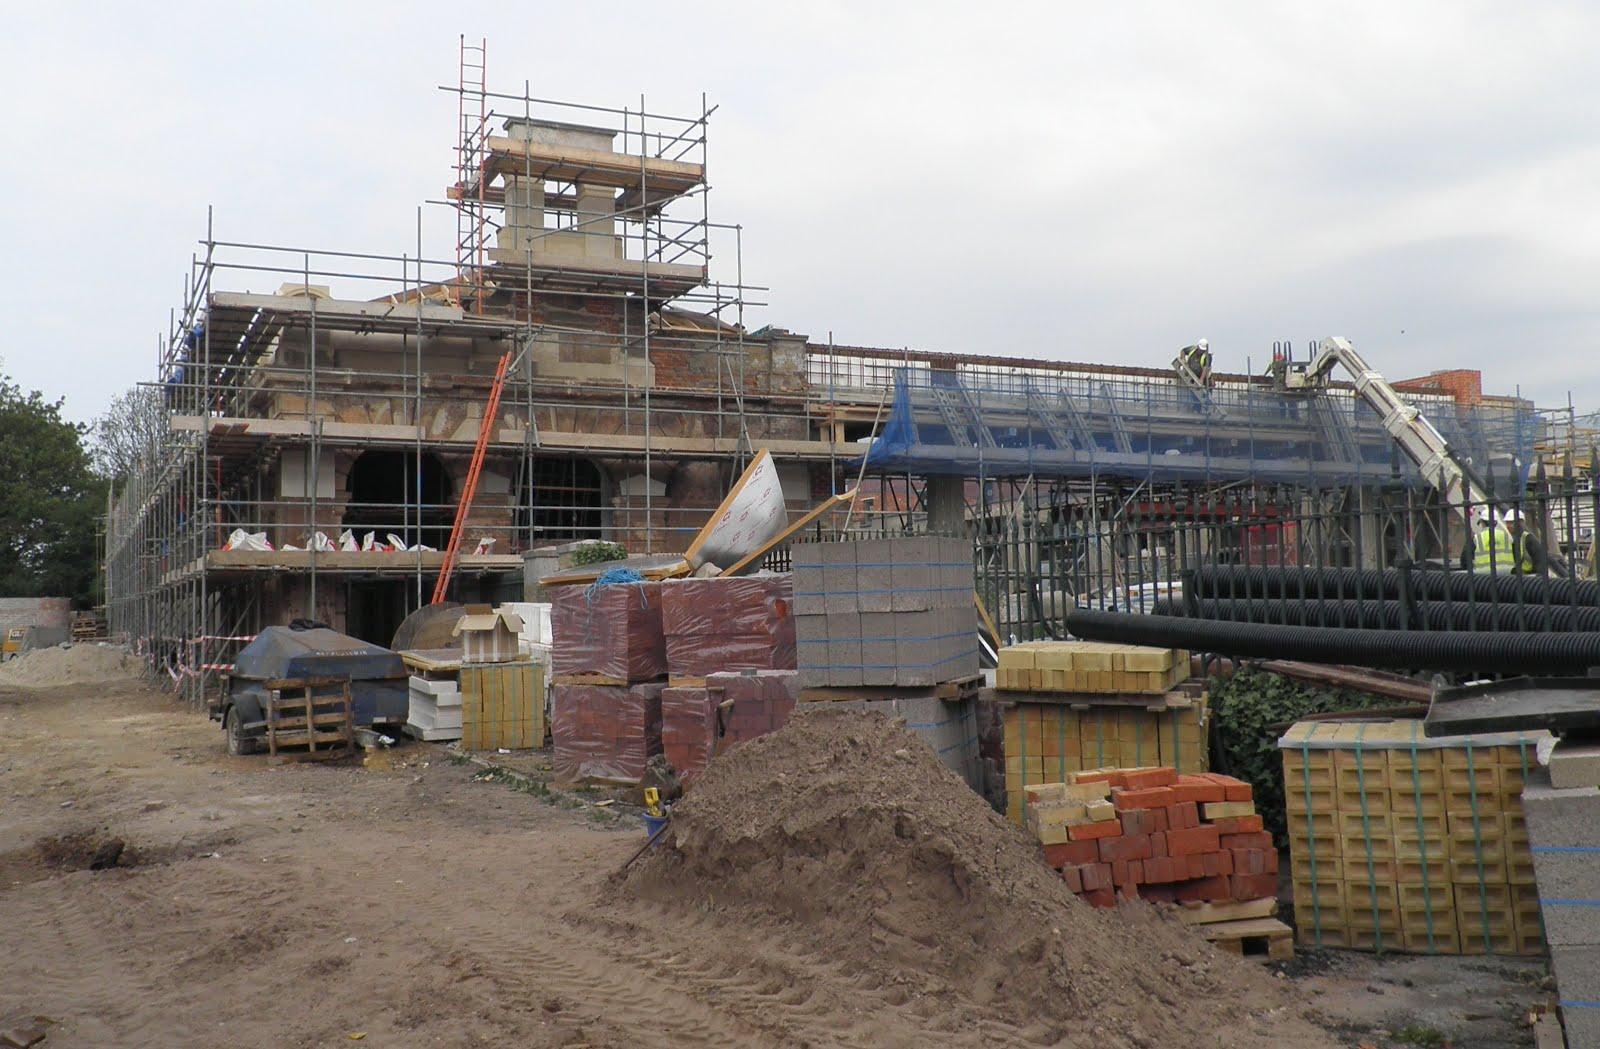 Work underway on rebuild